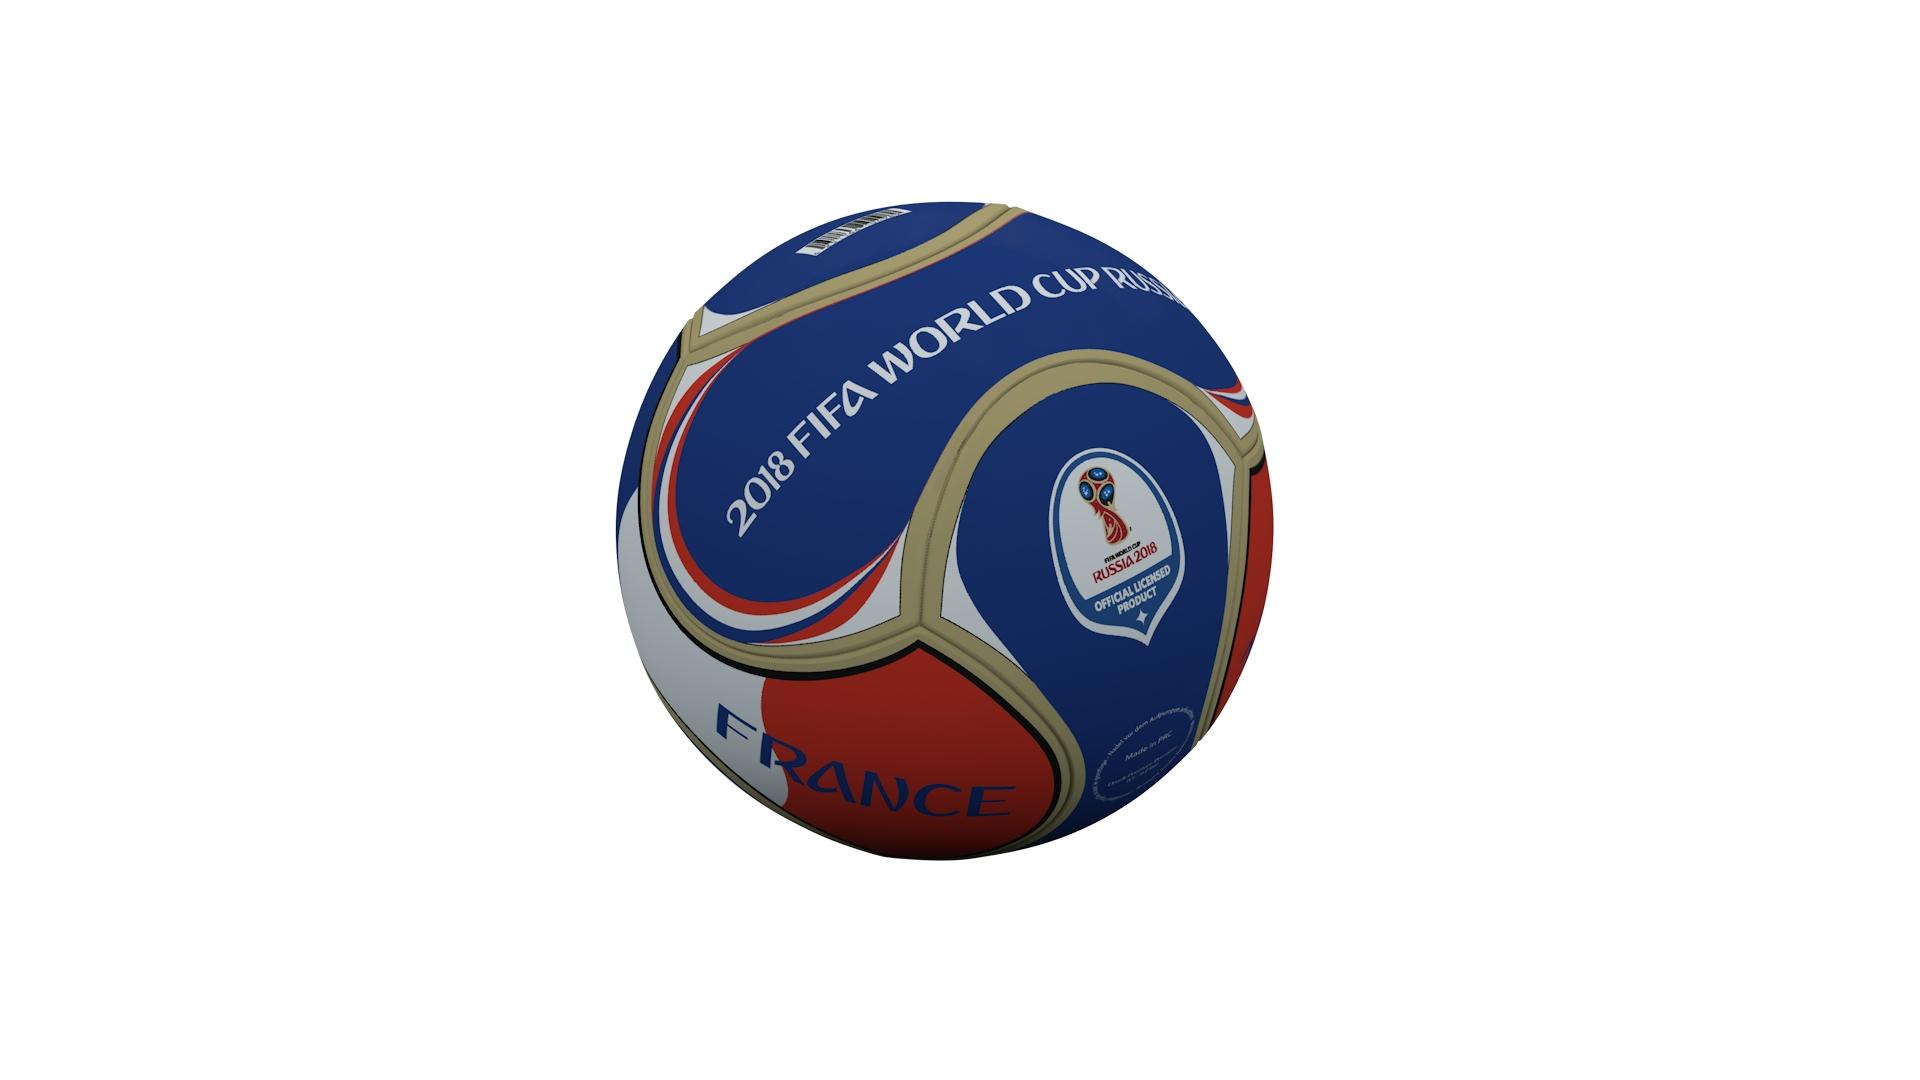 Découvrez nos offres ballon coupe du monde 2018 : Ballon de football - Coupe du Monde Russie - France - BV L ...